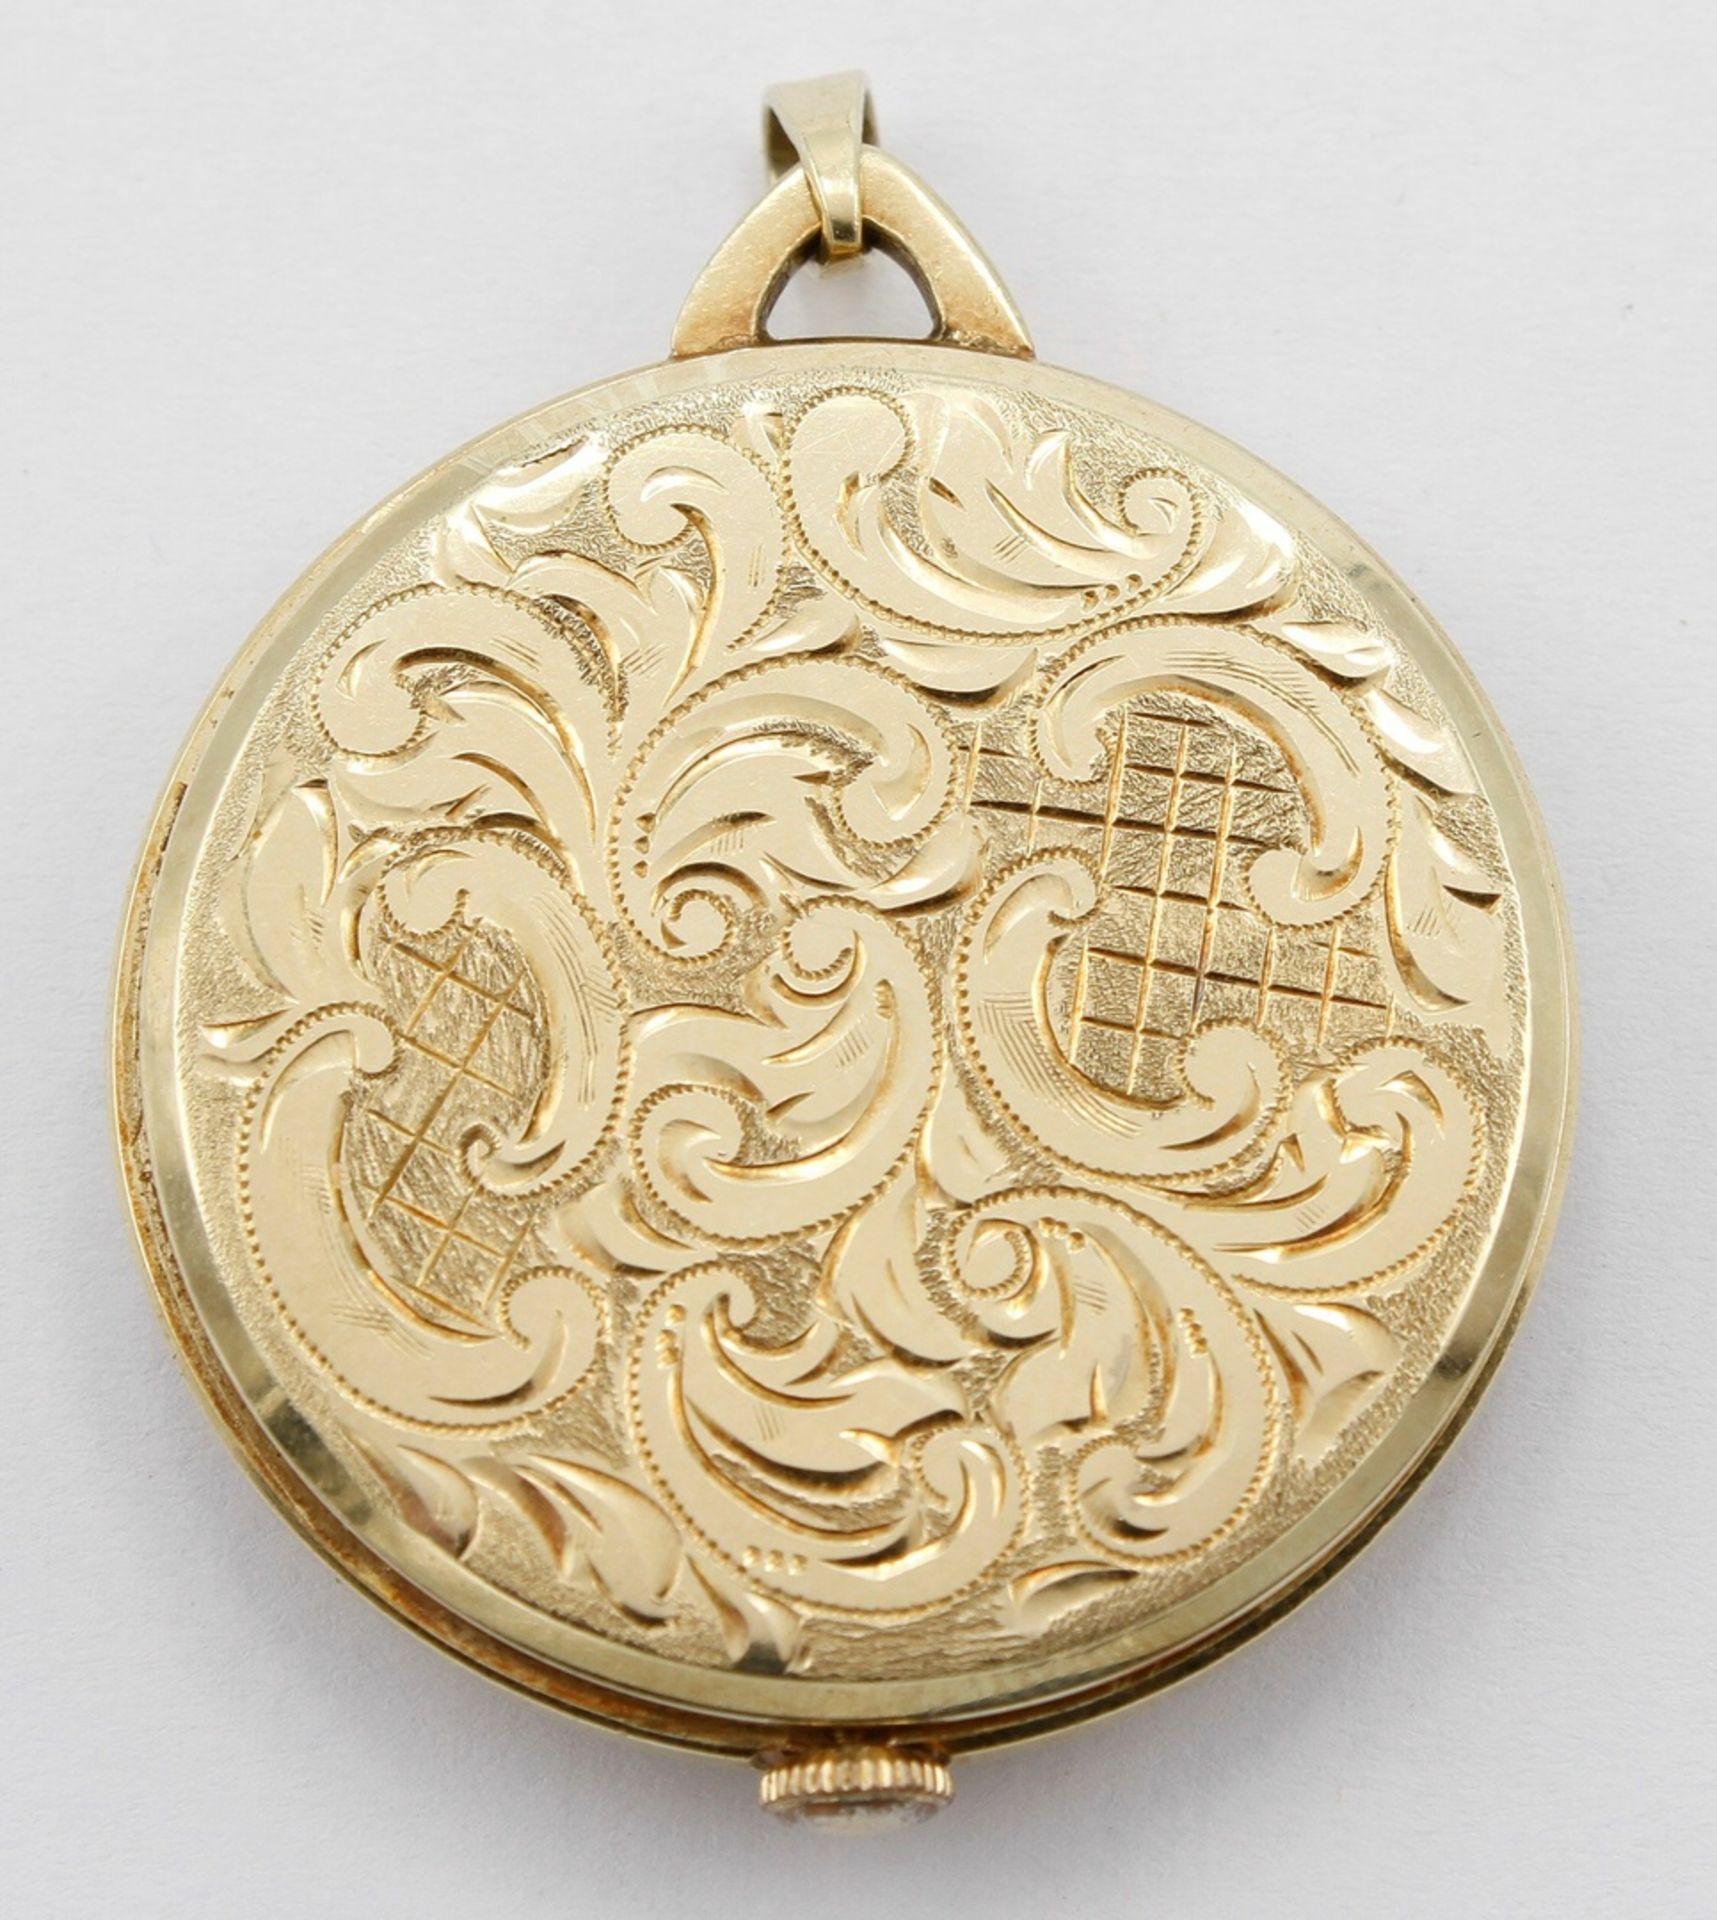 Kleine goldene Anhängeruhr / Damentaschenuhr, 2. Hälfte 20. Jh. - Bild 3 aus 5